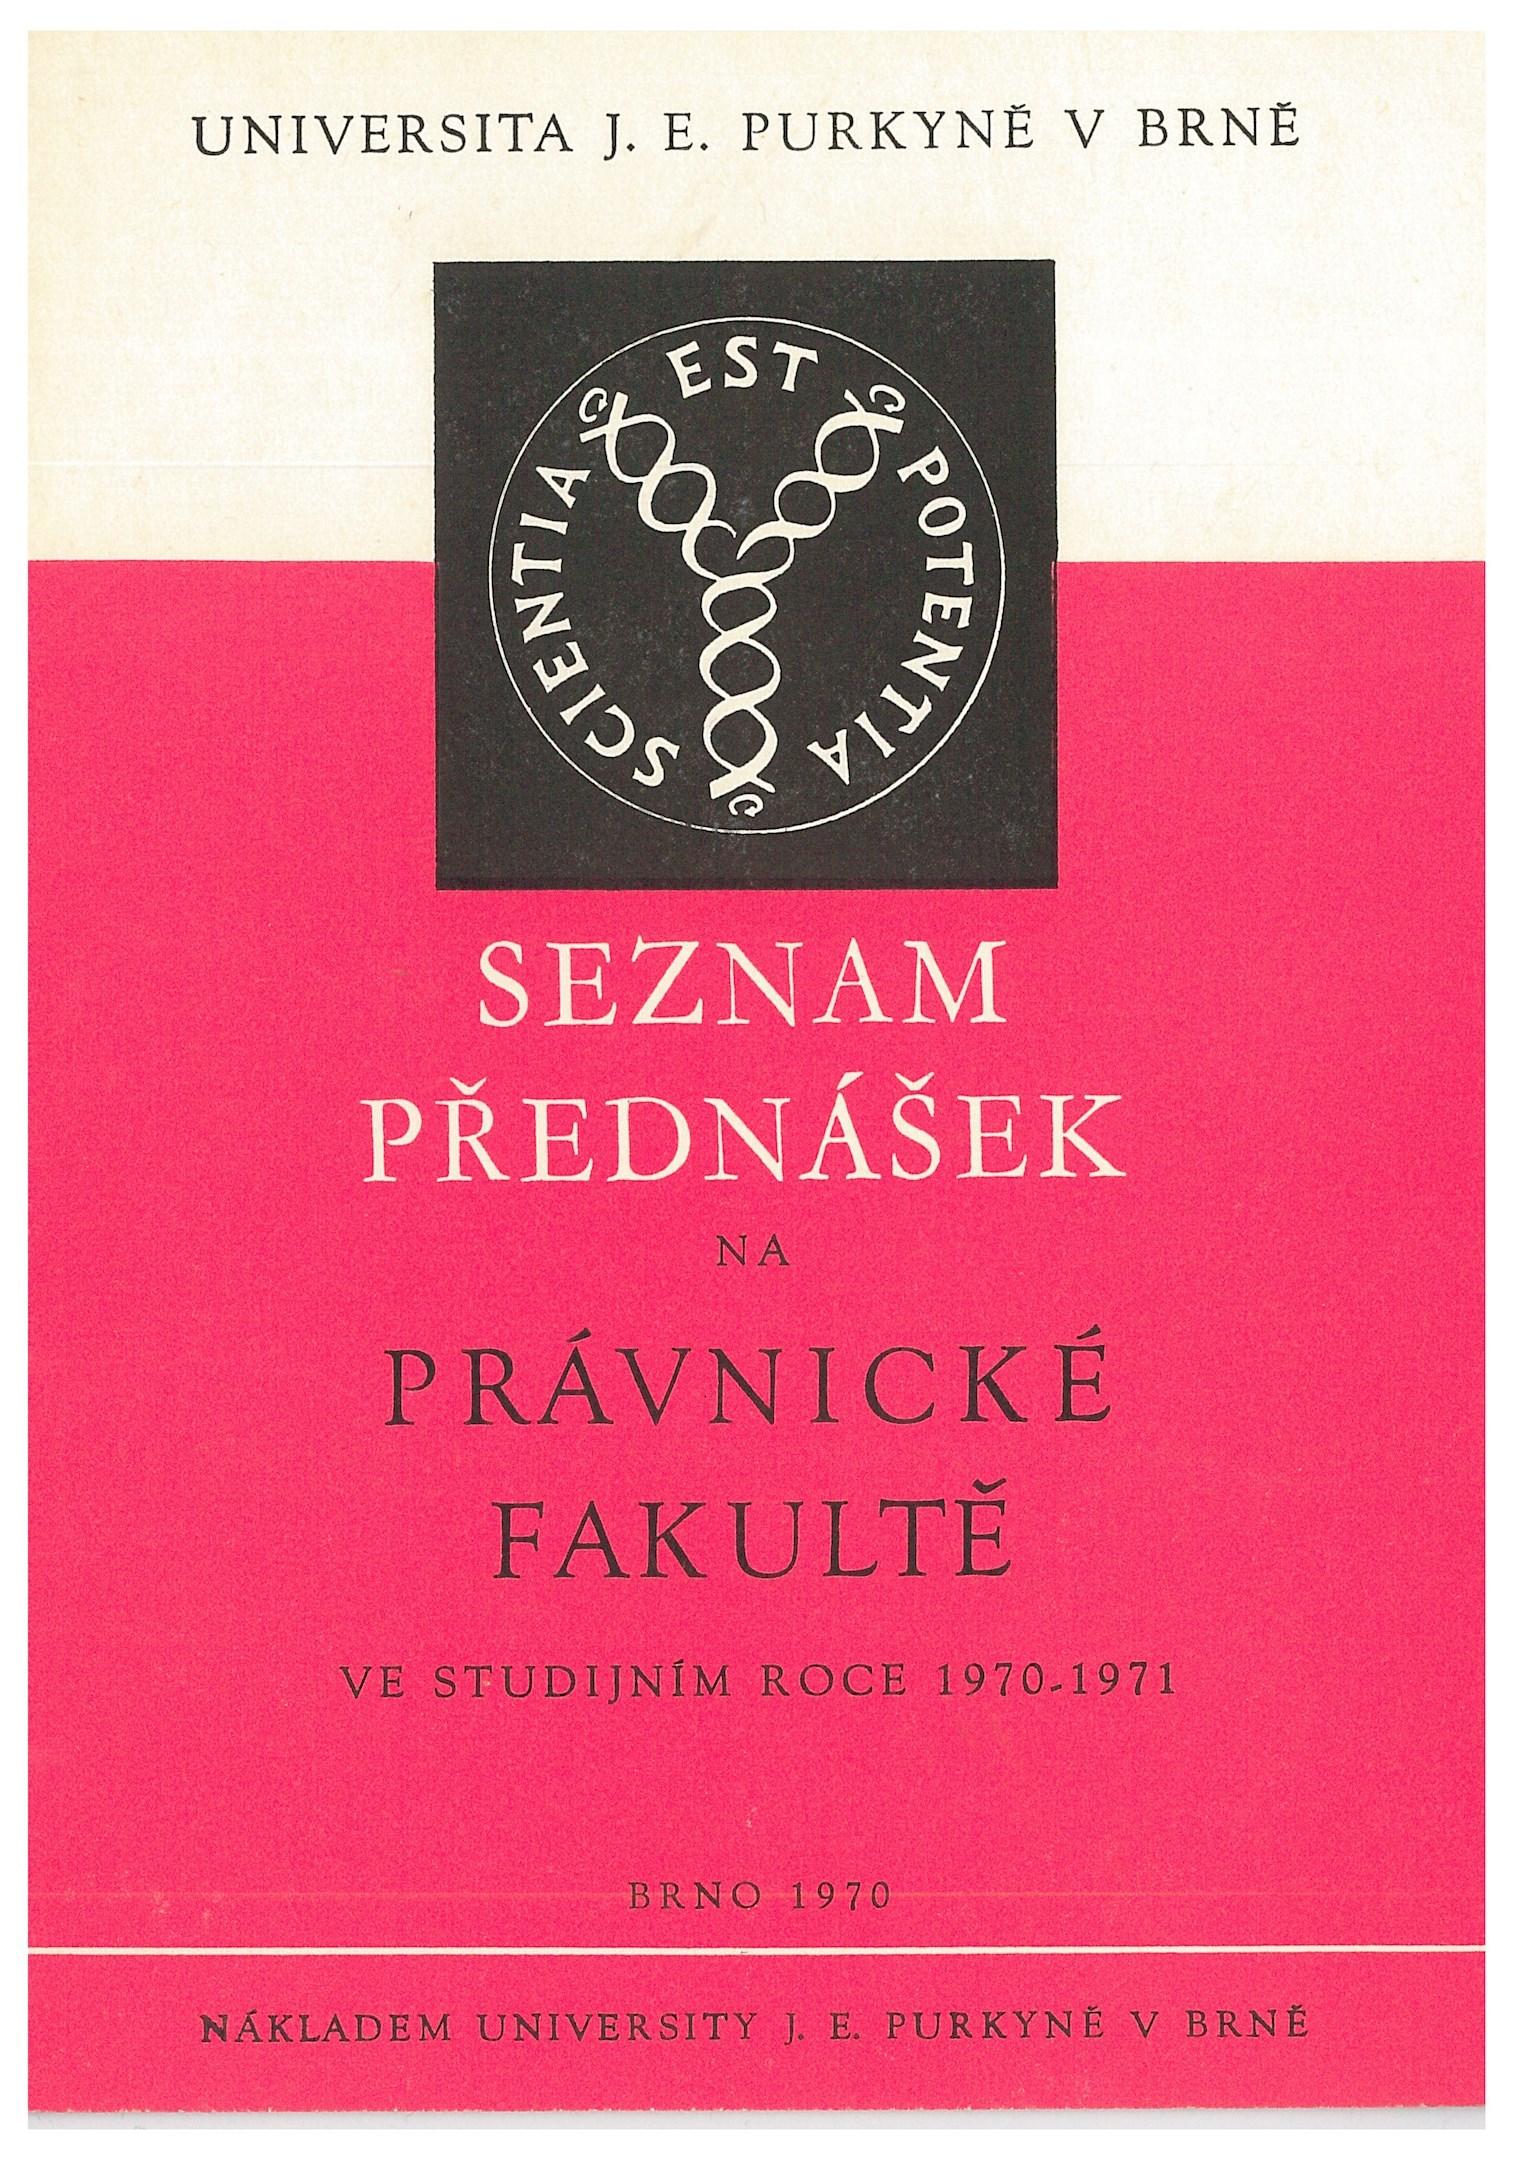 Revers medaile J. E. Purkyně užívaný jako univerzitní logo na Seznamu přednášek Právnické fakulty v roce 1970, grafická úprava Pravsolav Hauser